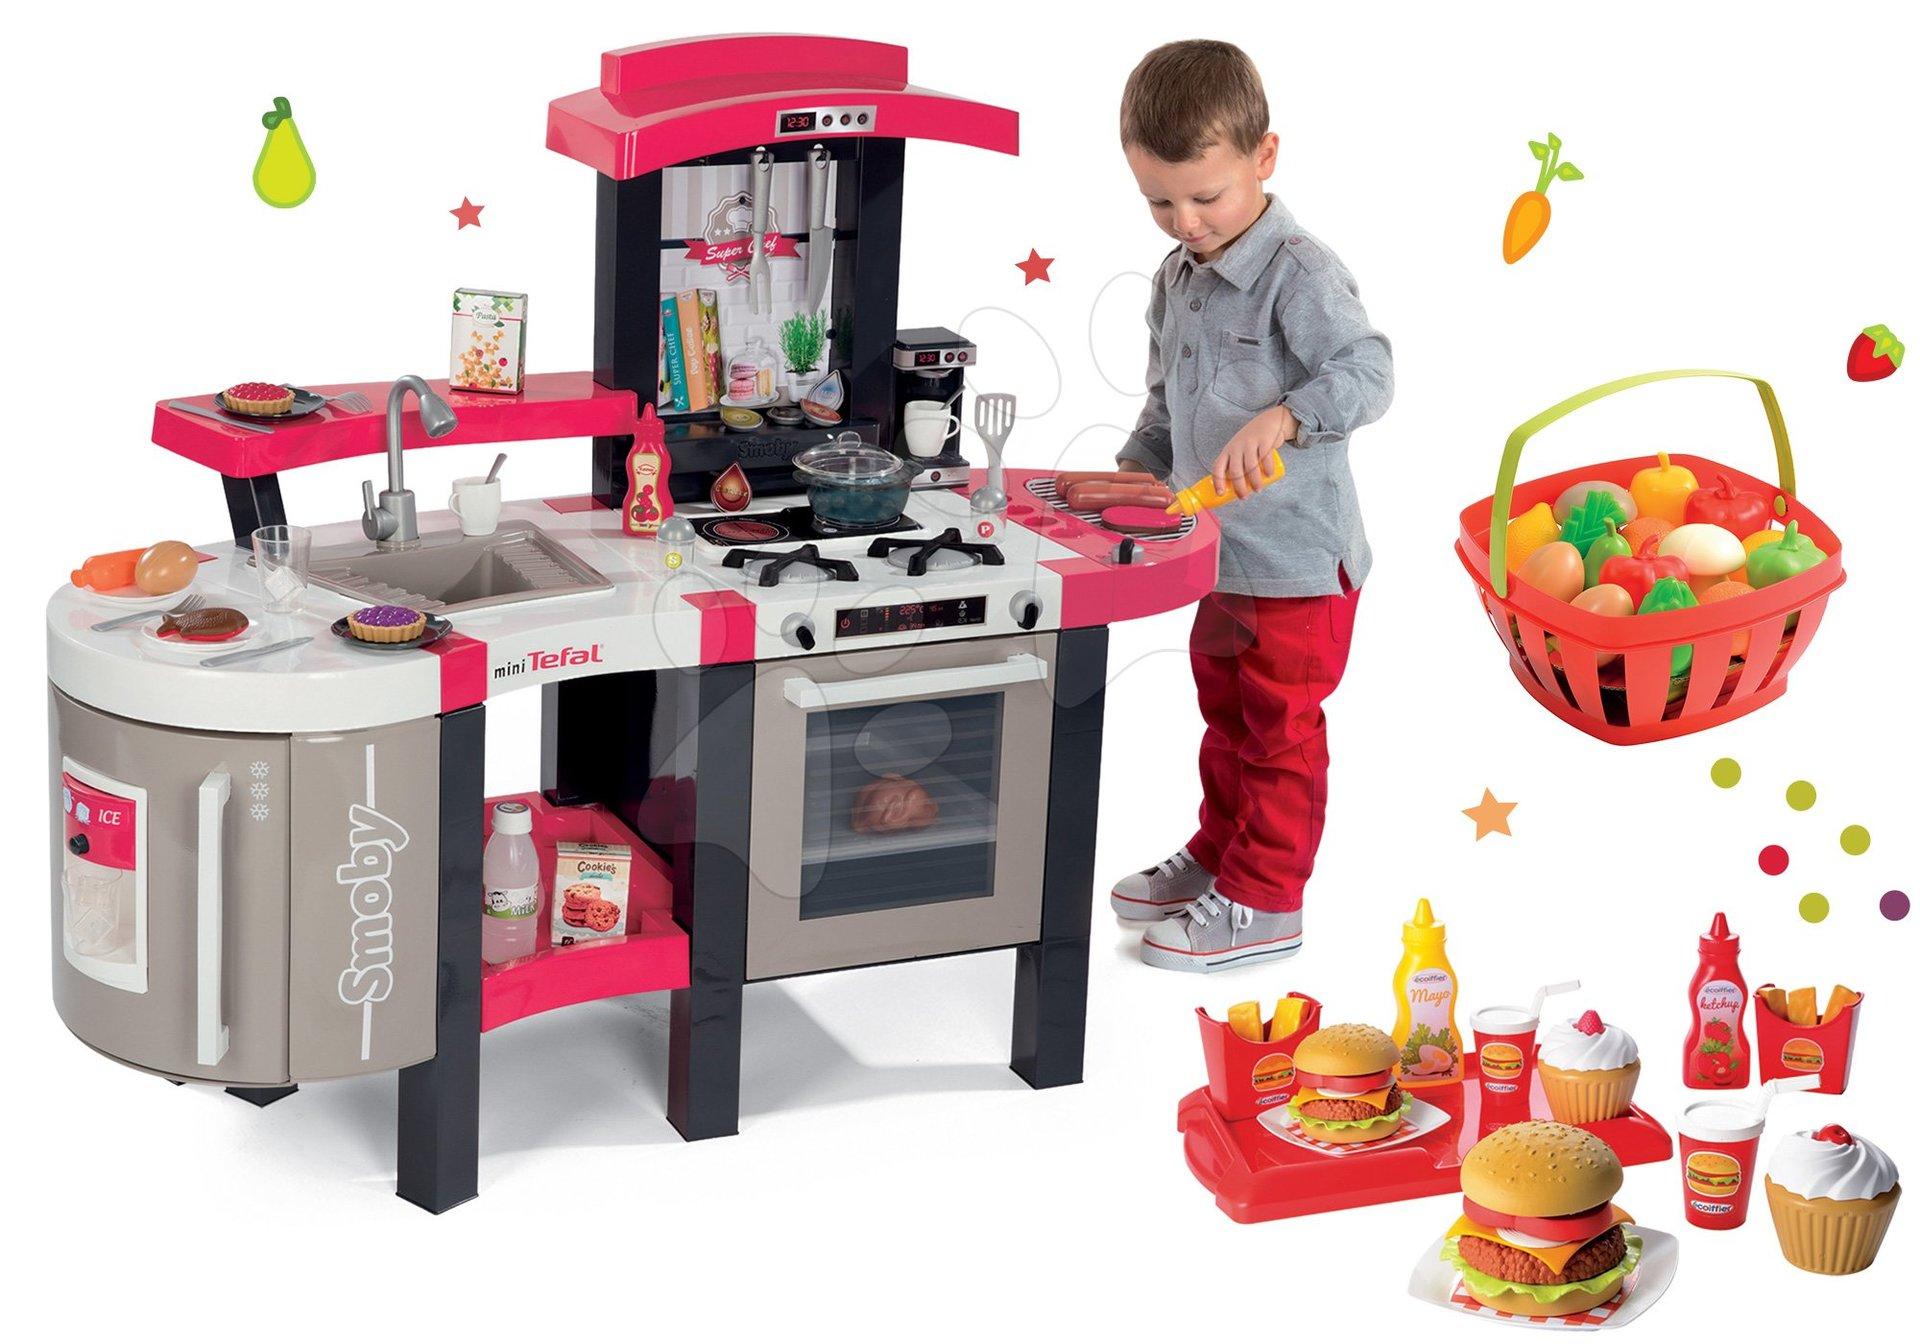 Set kuchyňka Tefal SuperChef Smoby s grilem a kávovarem, hamburgry a košík s ovocem a zeleninou